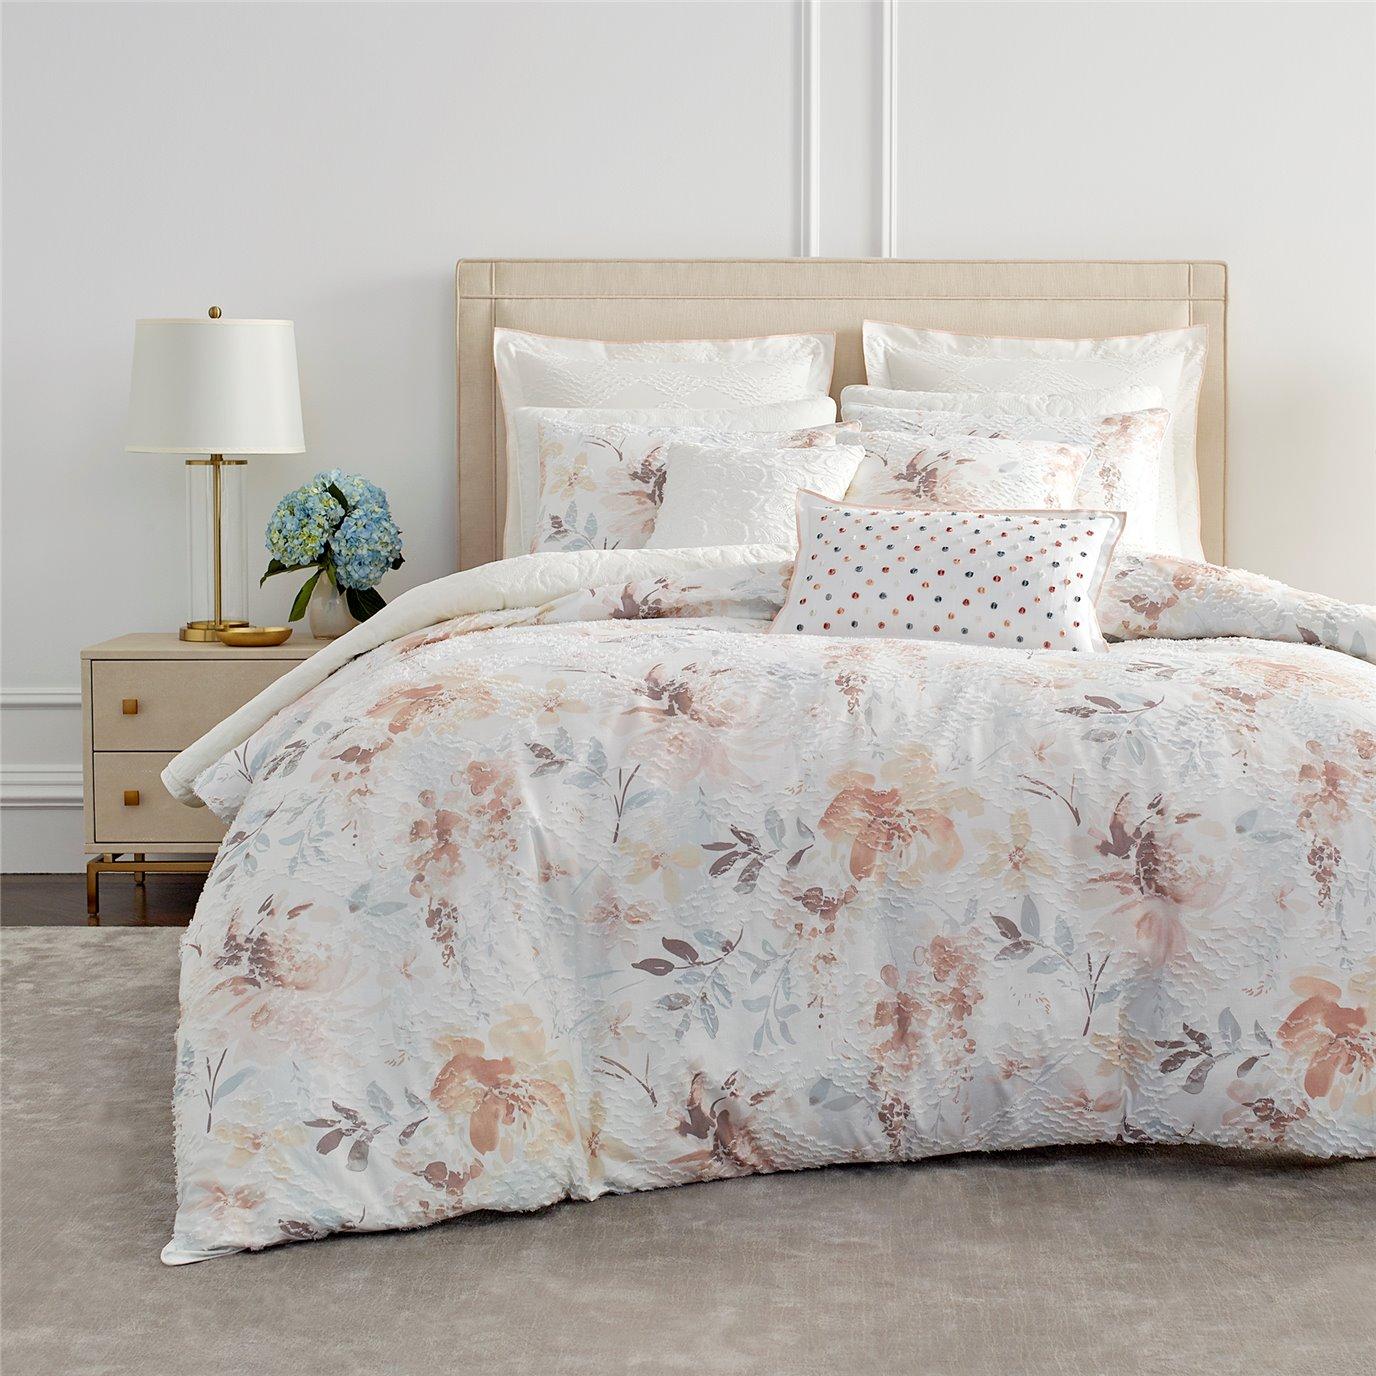 Croscill Liana Queen 3pc Comforter Set